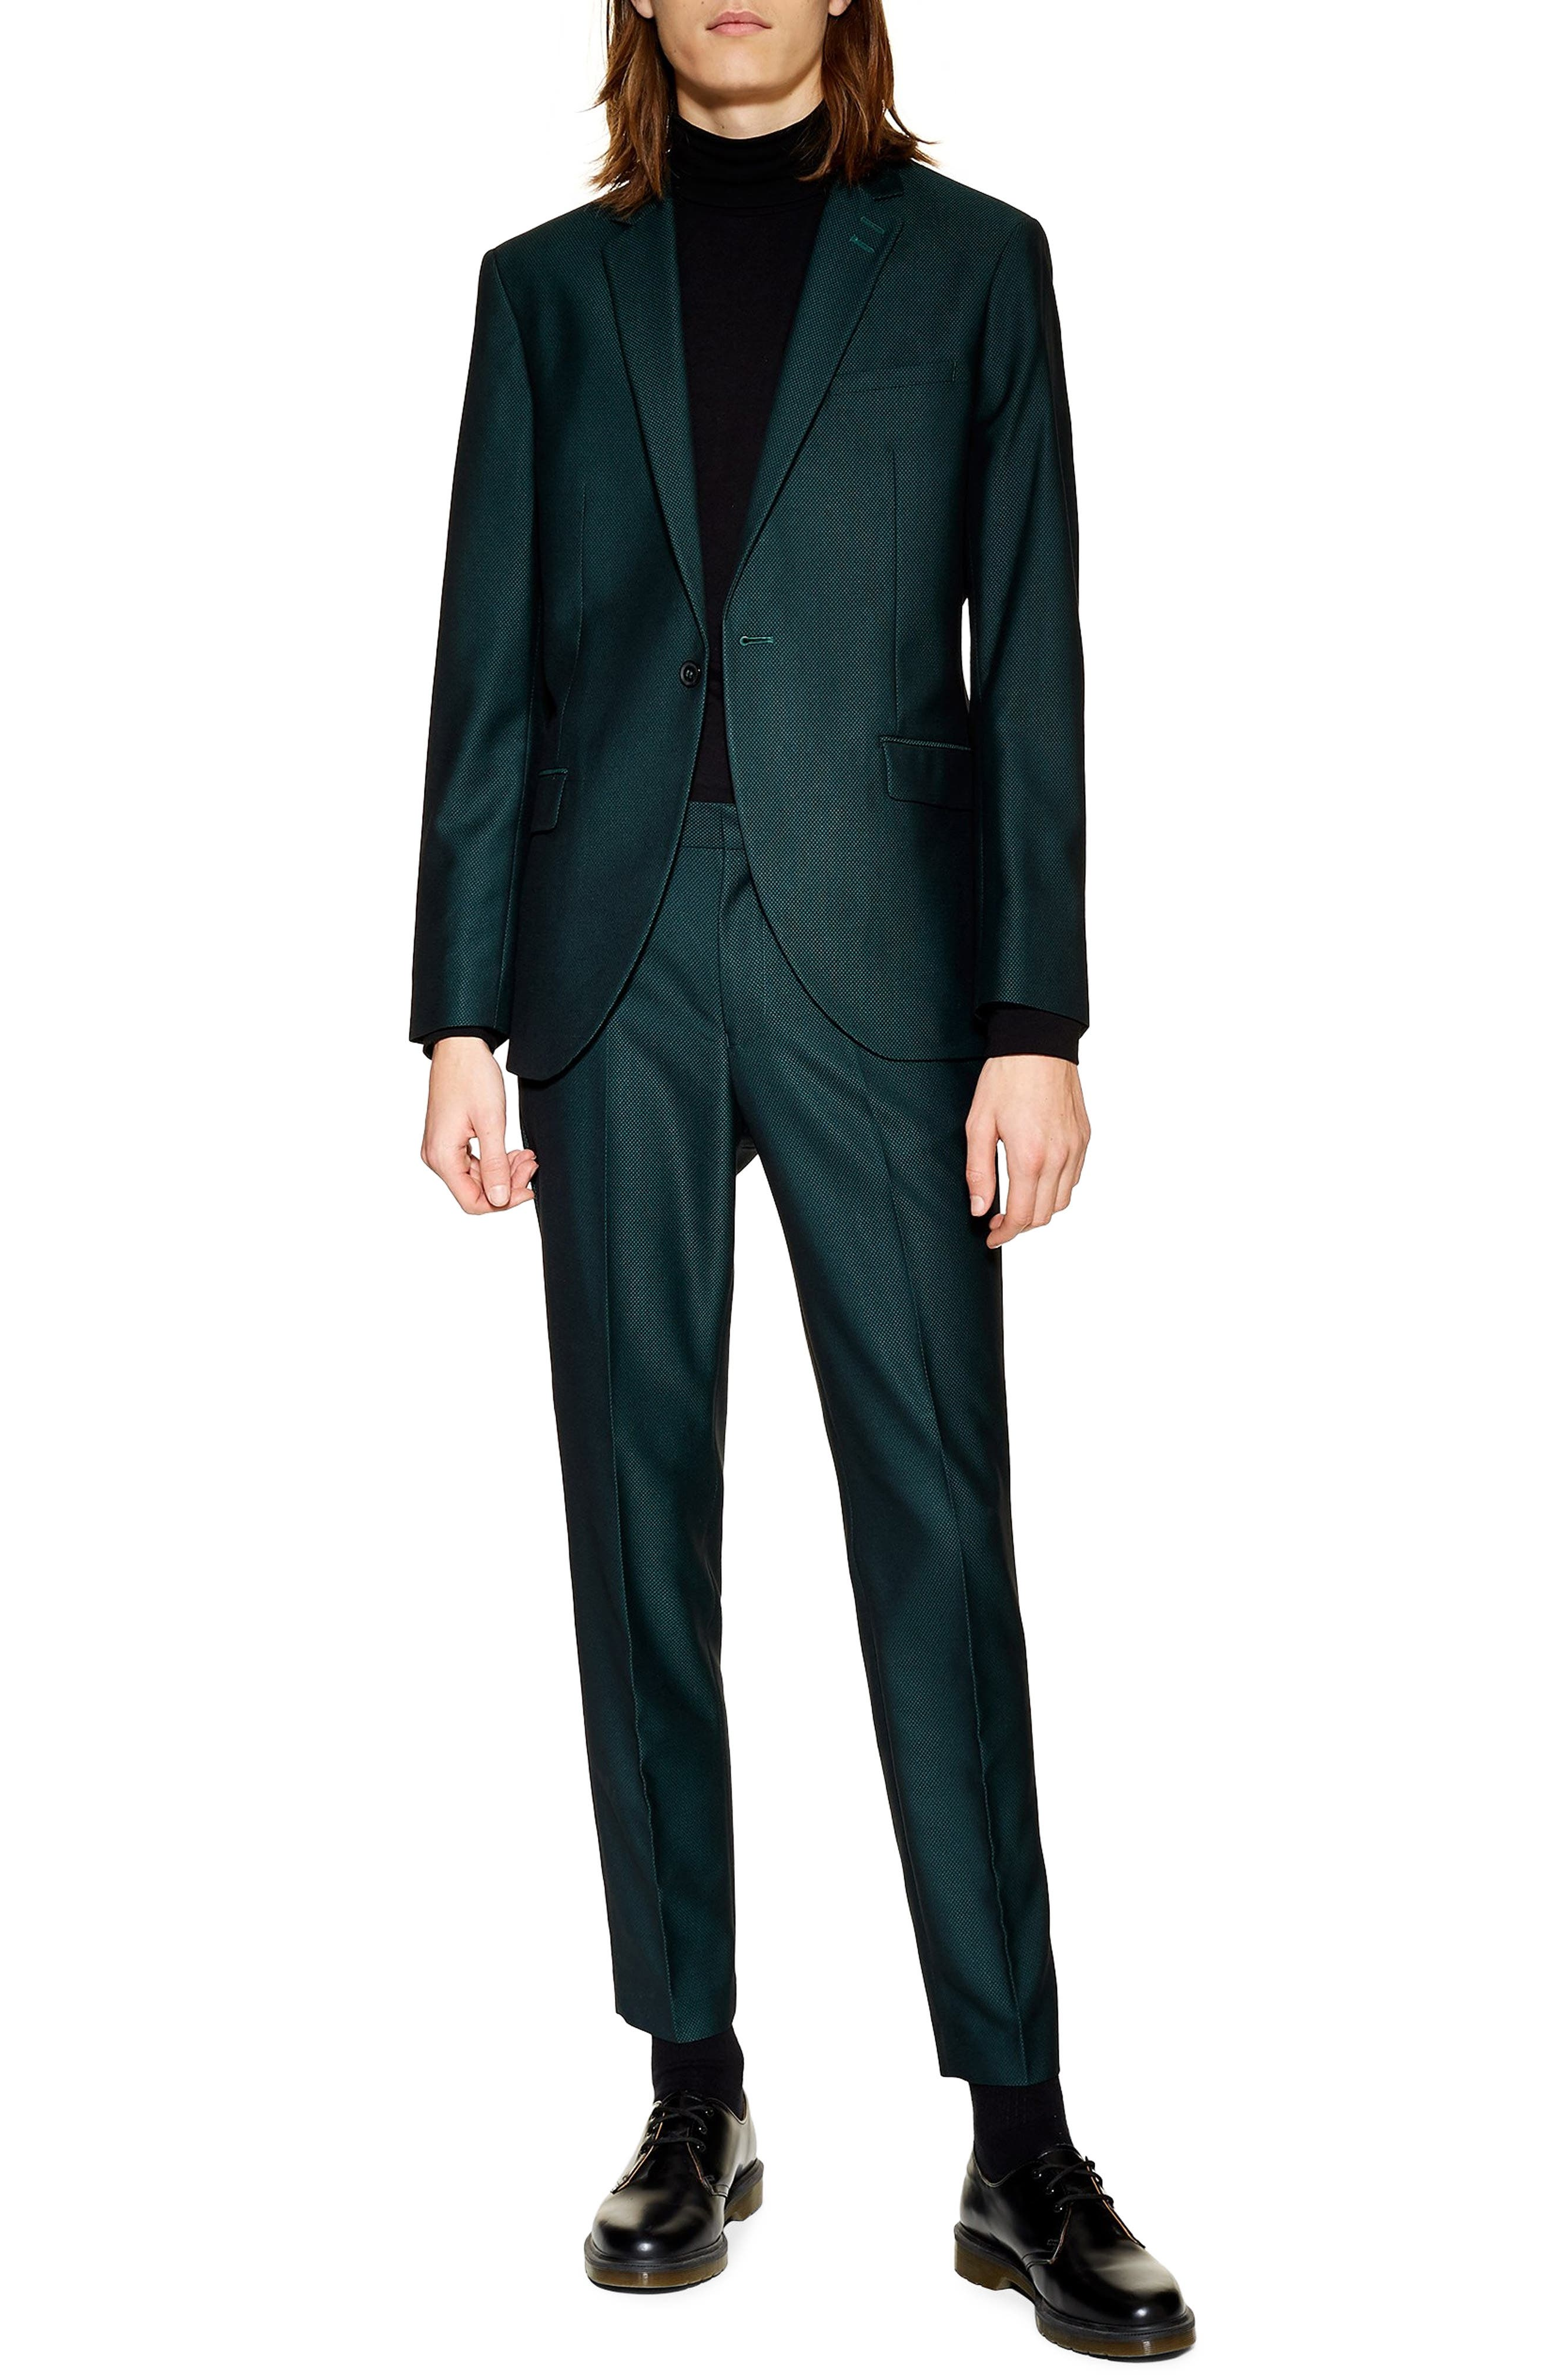 TOPMAN Banbury Slim Fit Suit Trousers, Main, color, 300